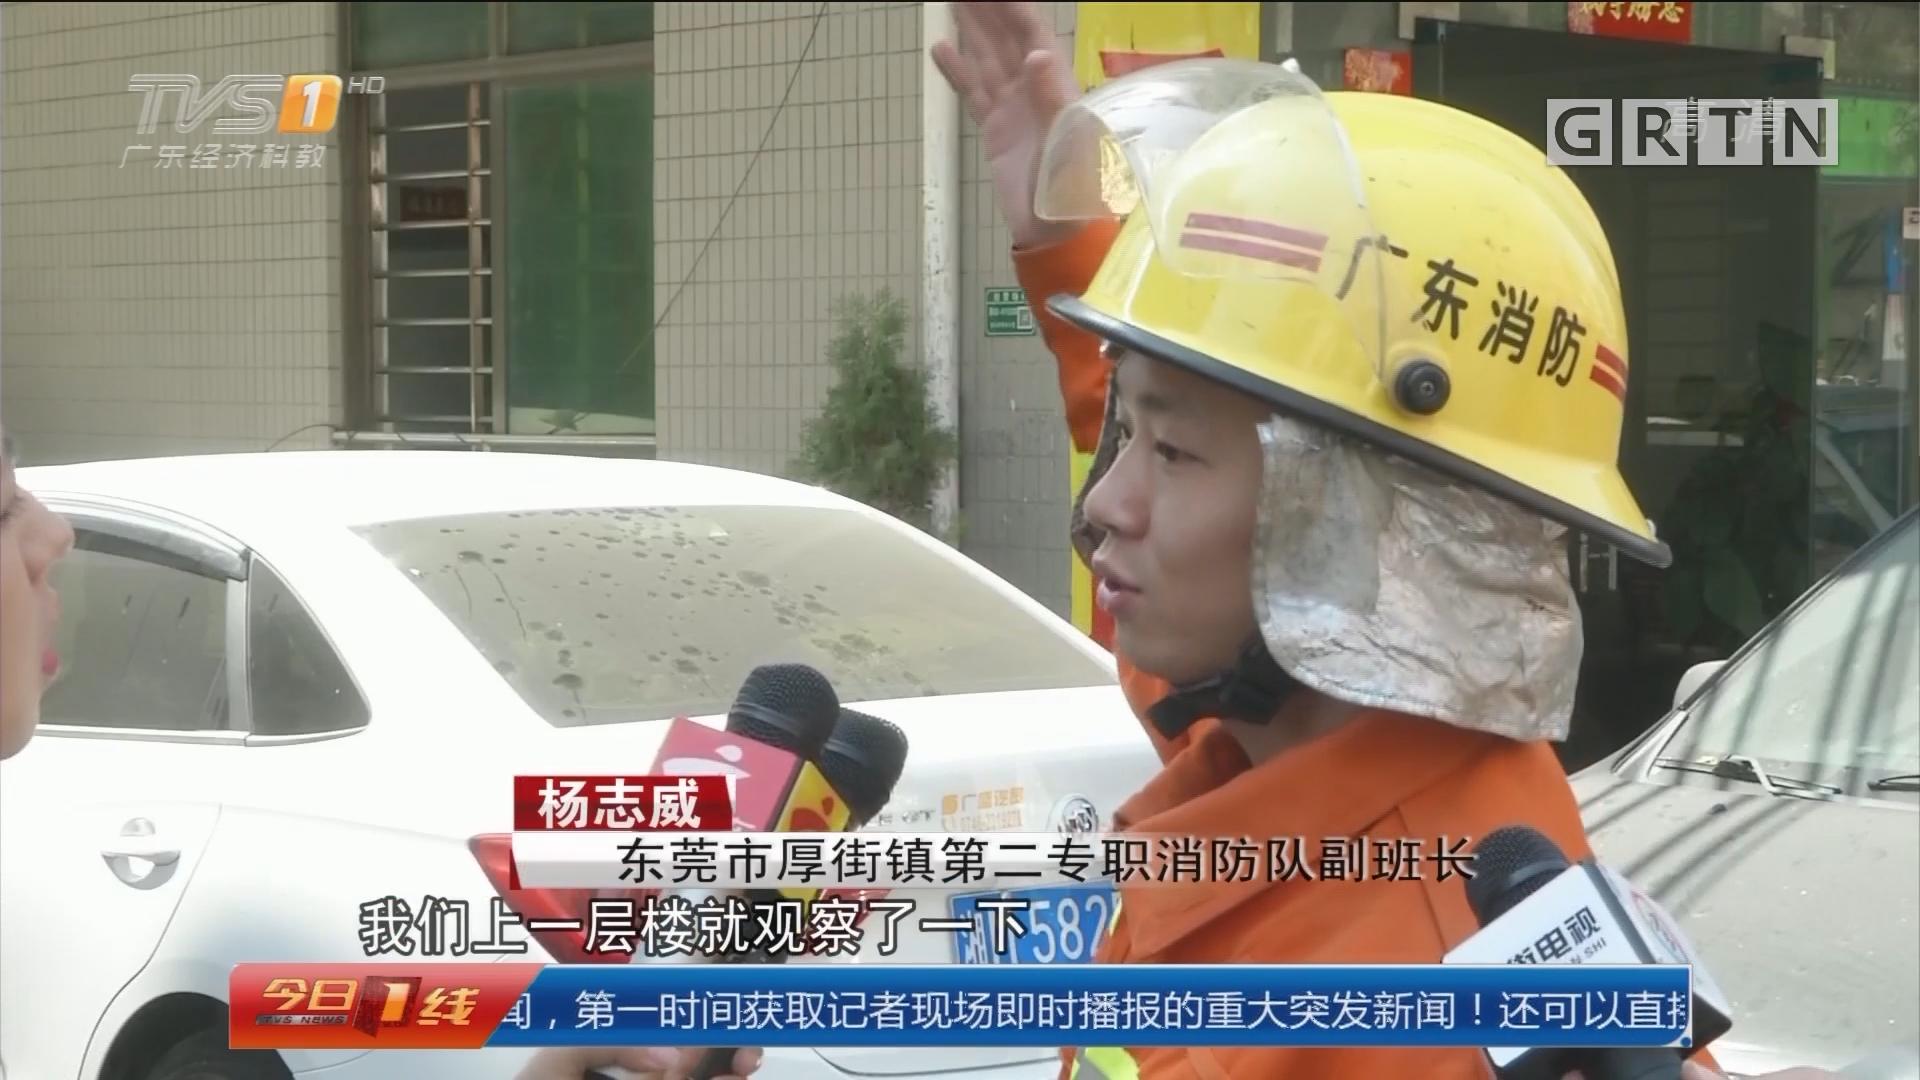 """东莞厚街:幼童被锁家中 橙衣""""蜘蛛侠""""空降救娃"""